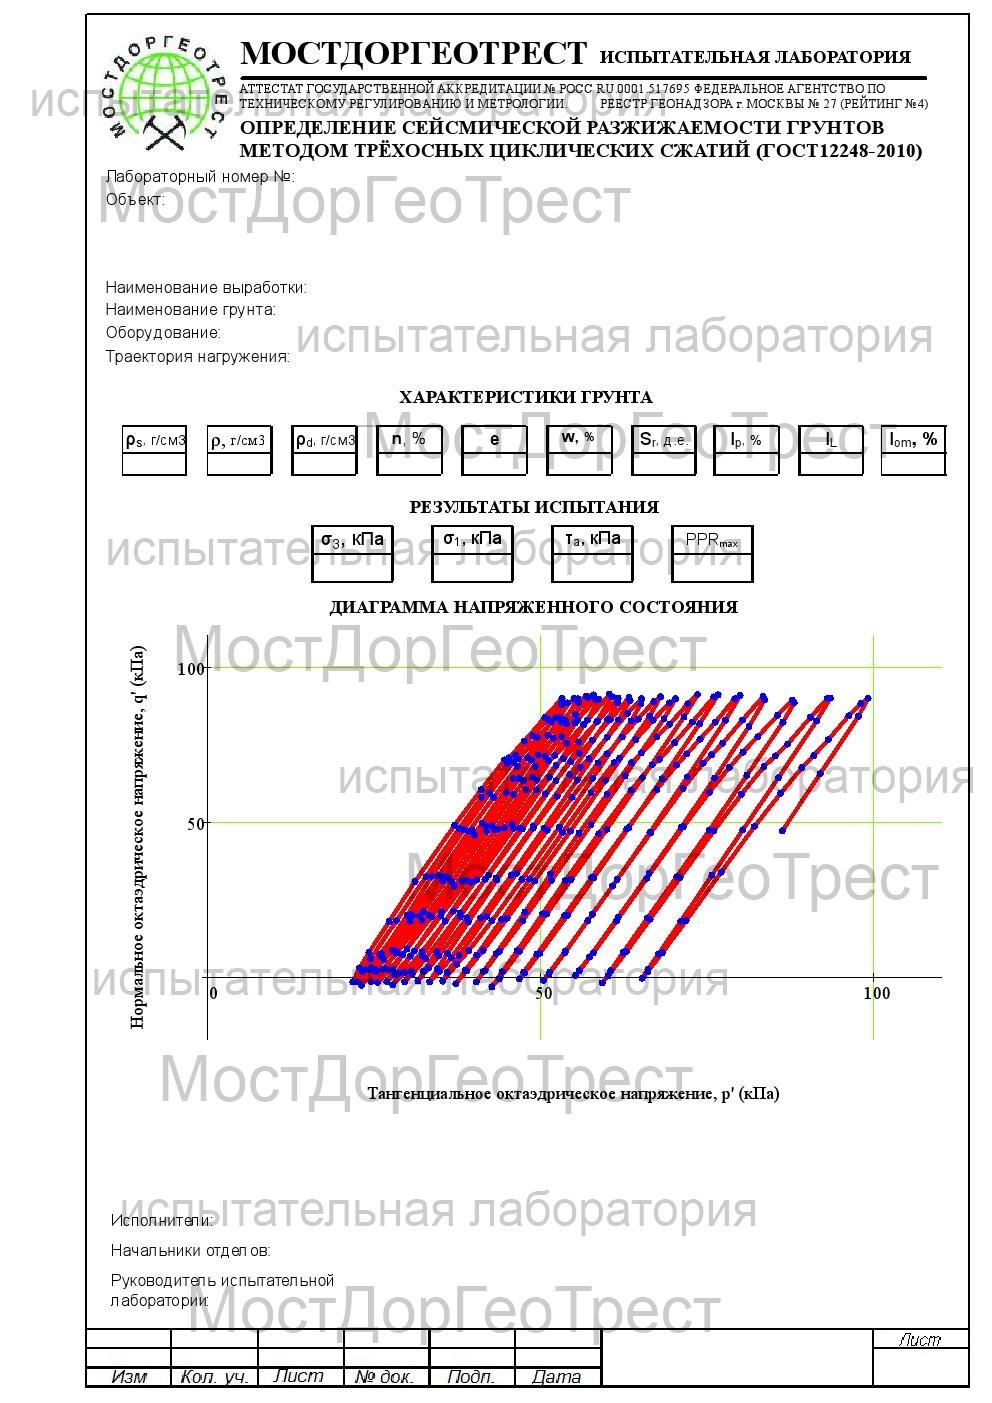 Протокол определения сейсмической разжижаемости грунтов методом трехосных  циклических сжатий (ГОСТ 12248-2010)